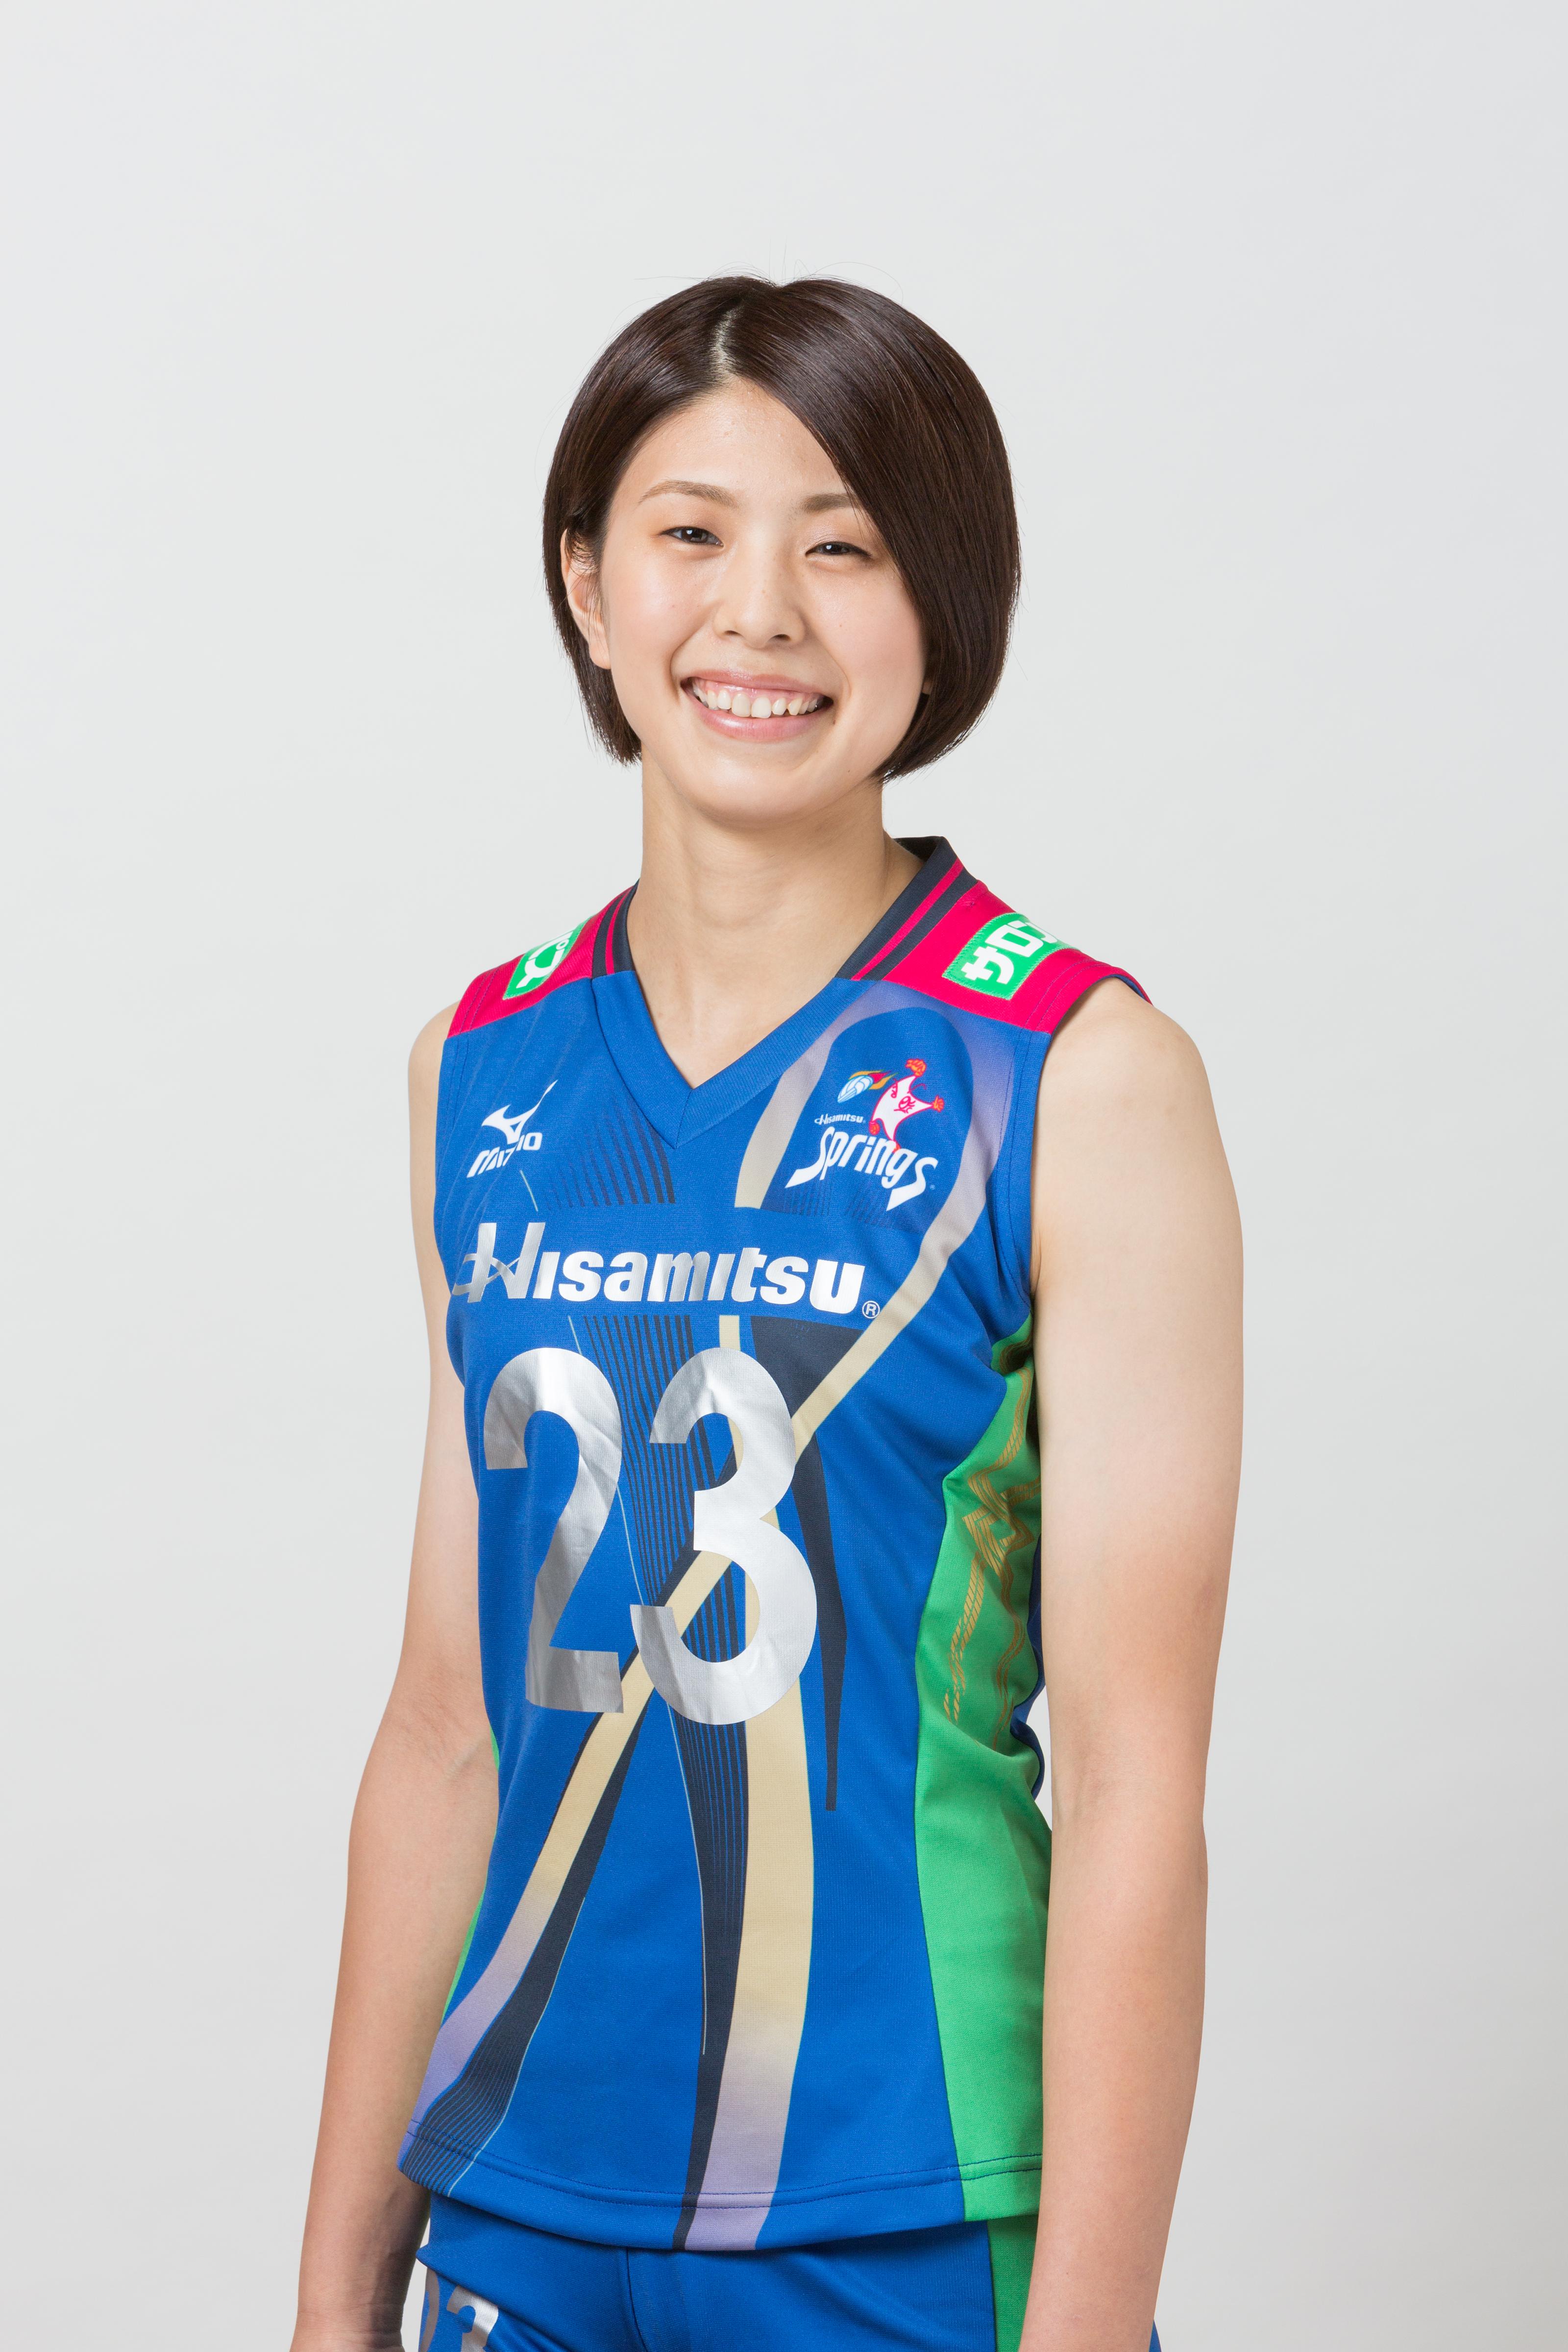 Risa Ishibashi